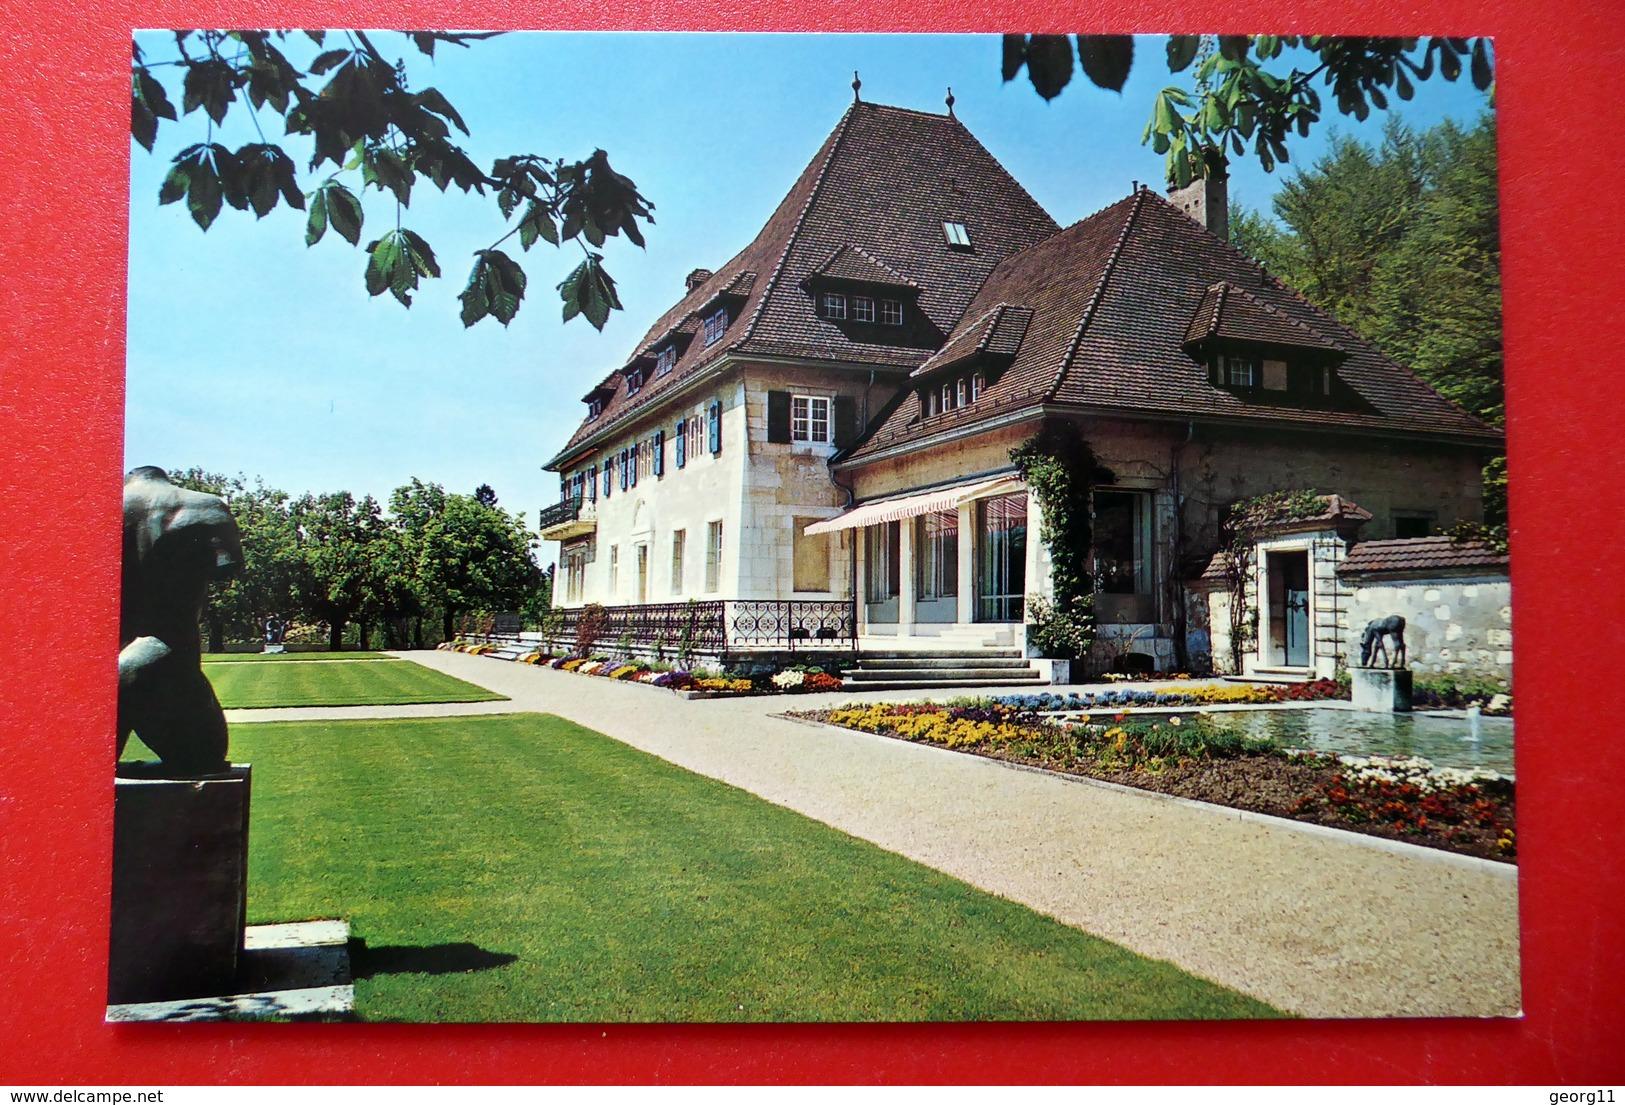 Winterthur - Sammlung Oskar Reinhart - Am Römerholz - Schweiz - Zürich - Museum - Museos